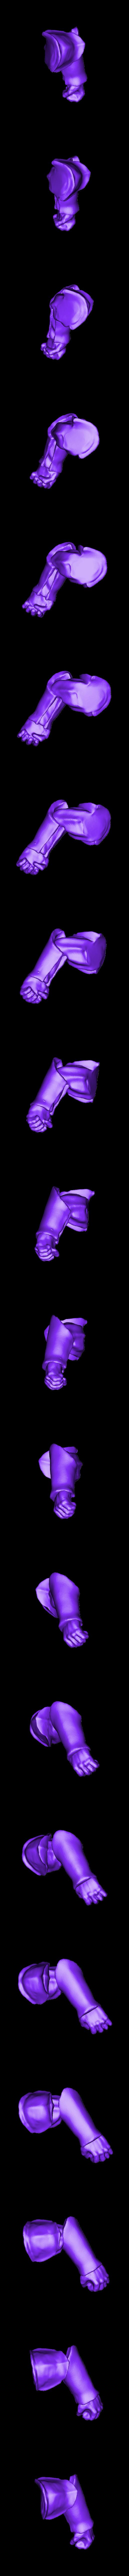 left_arm_v3.stl Télécharger fichier STL gratuit Infatrie des elfes / Miniatures des lanciers • Plan imprimable en 3D, Ilhadiel